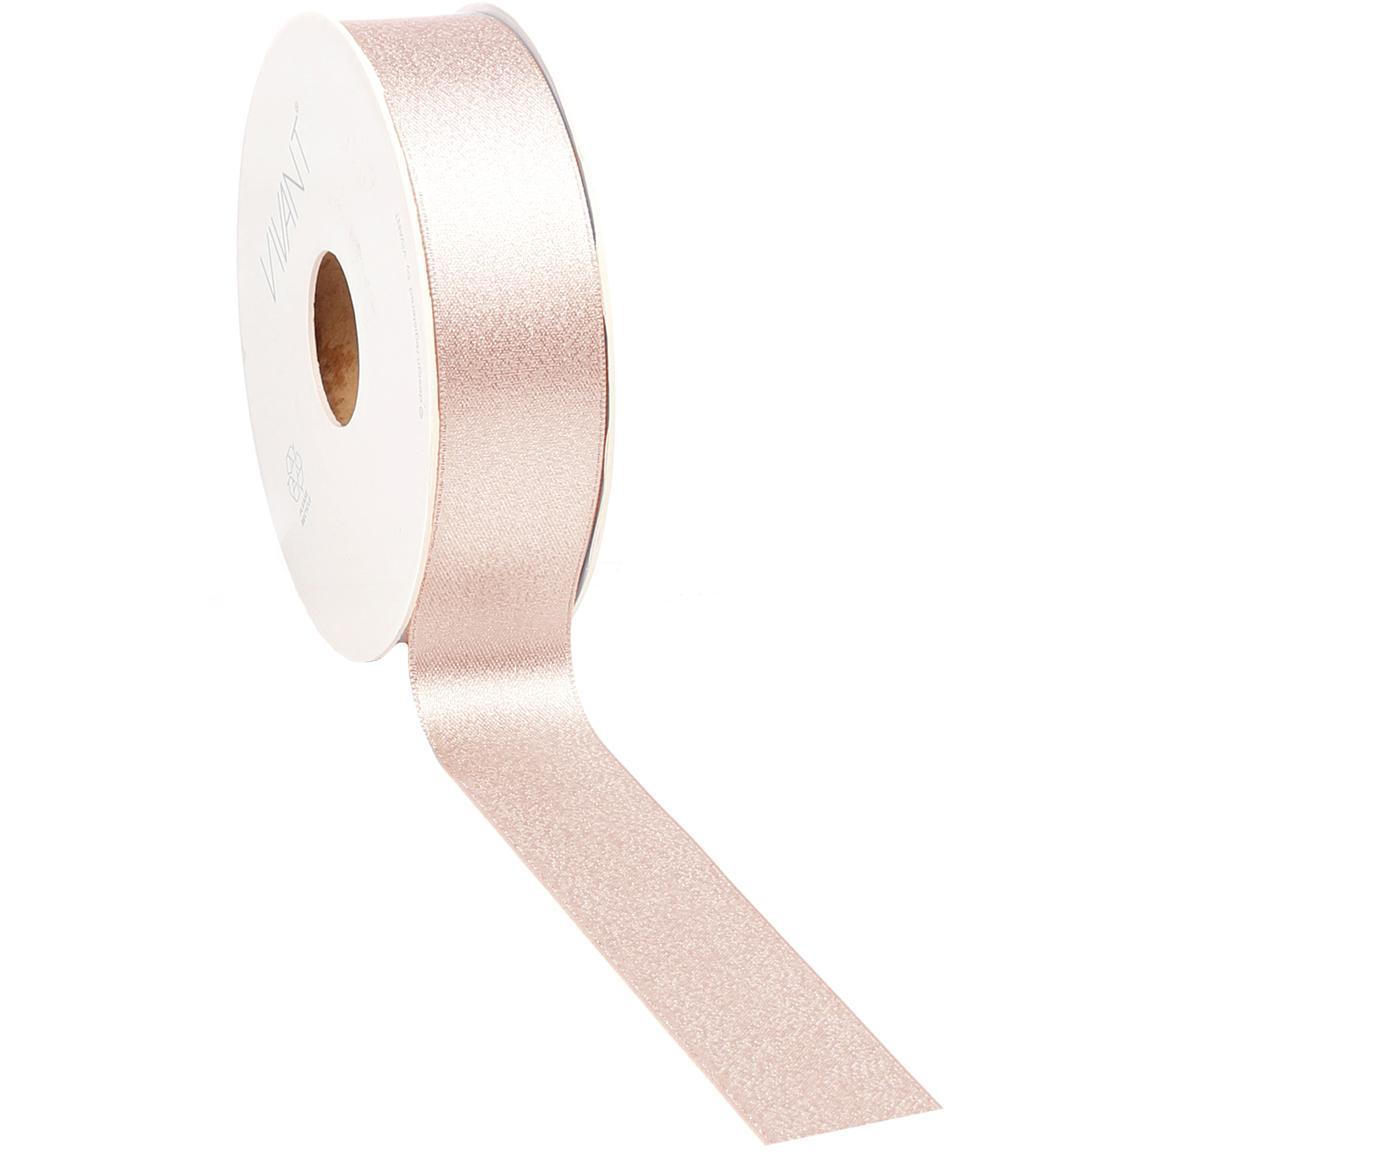 Wstążka prezentowa Victoria, Poliester, Blady różowy, S 3 x D 2000 cm